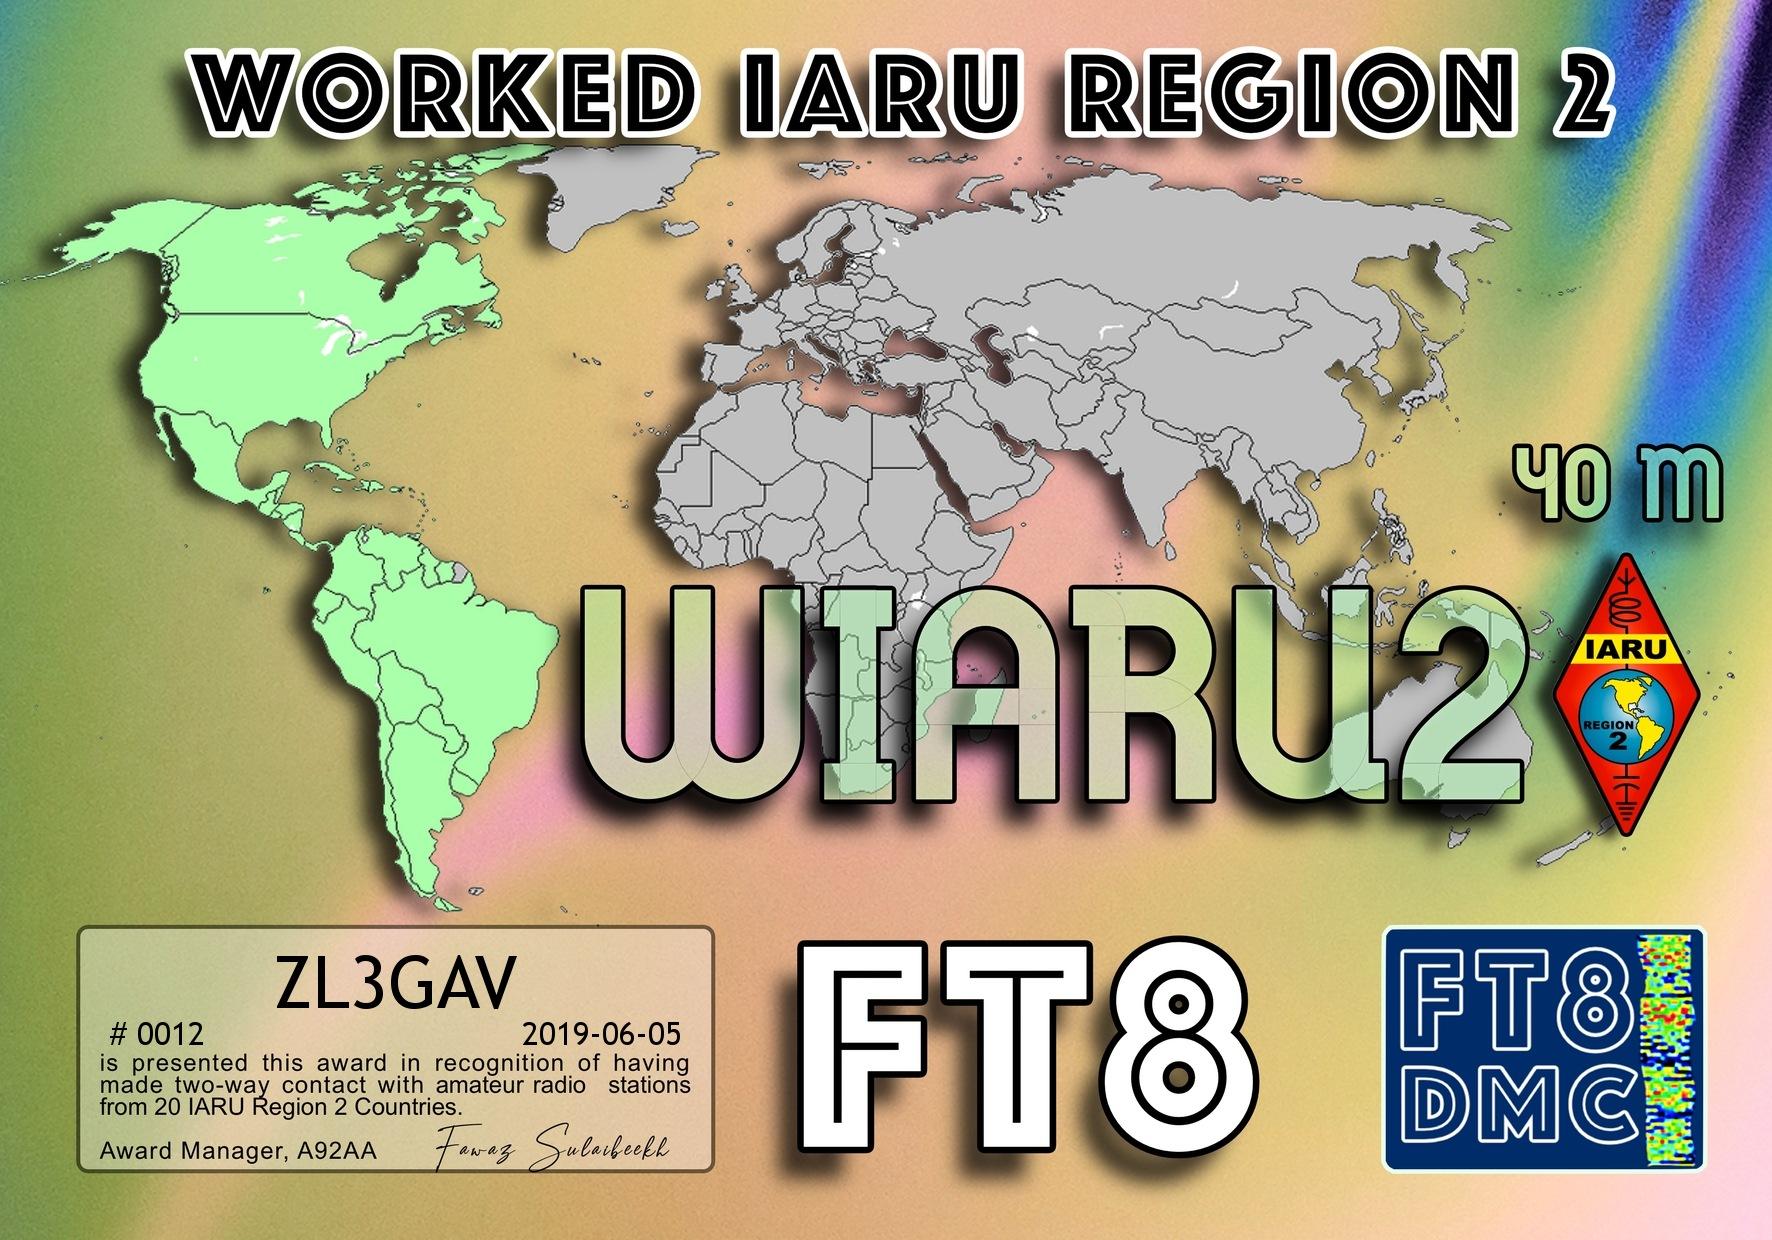 ZL3GAV-WIARU2-40M.jpg